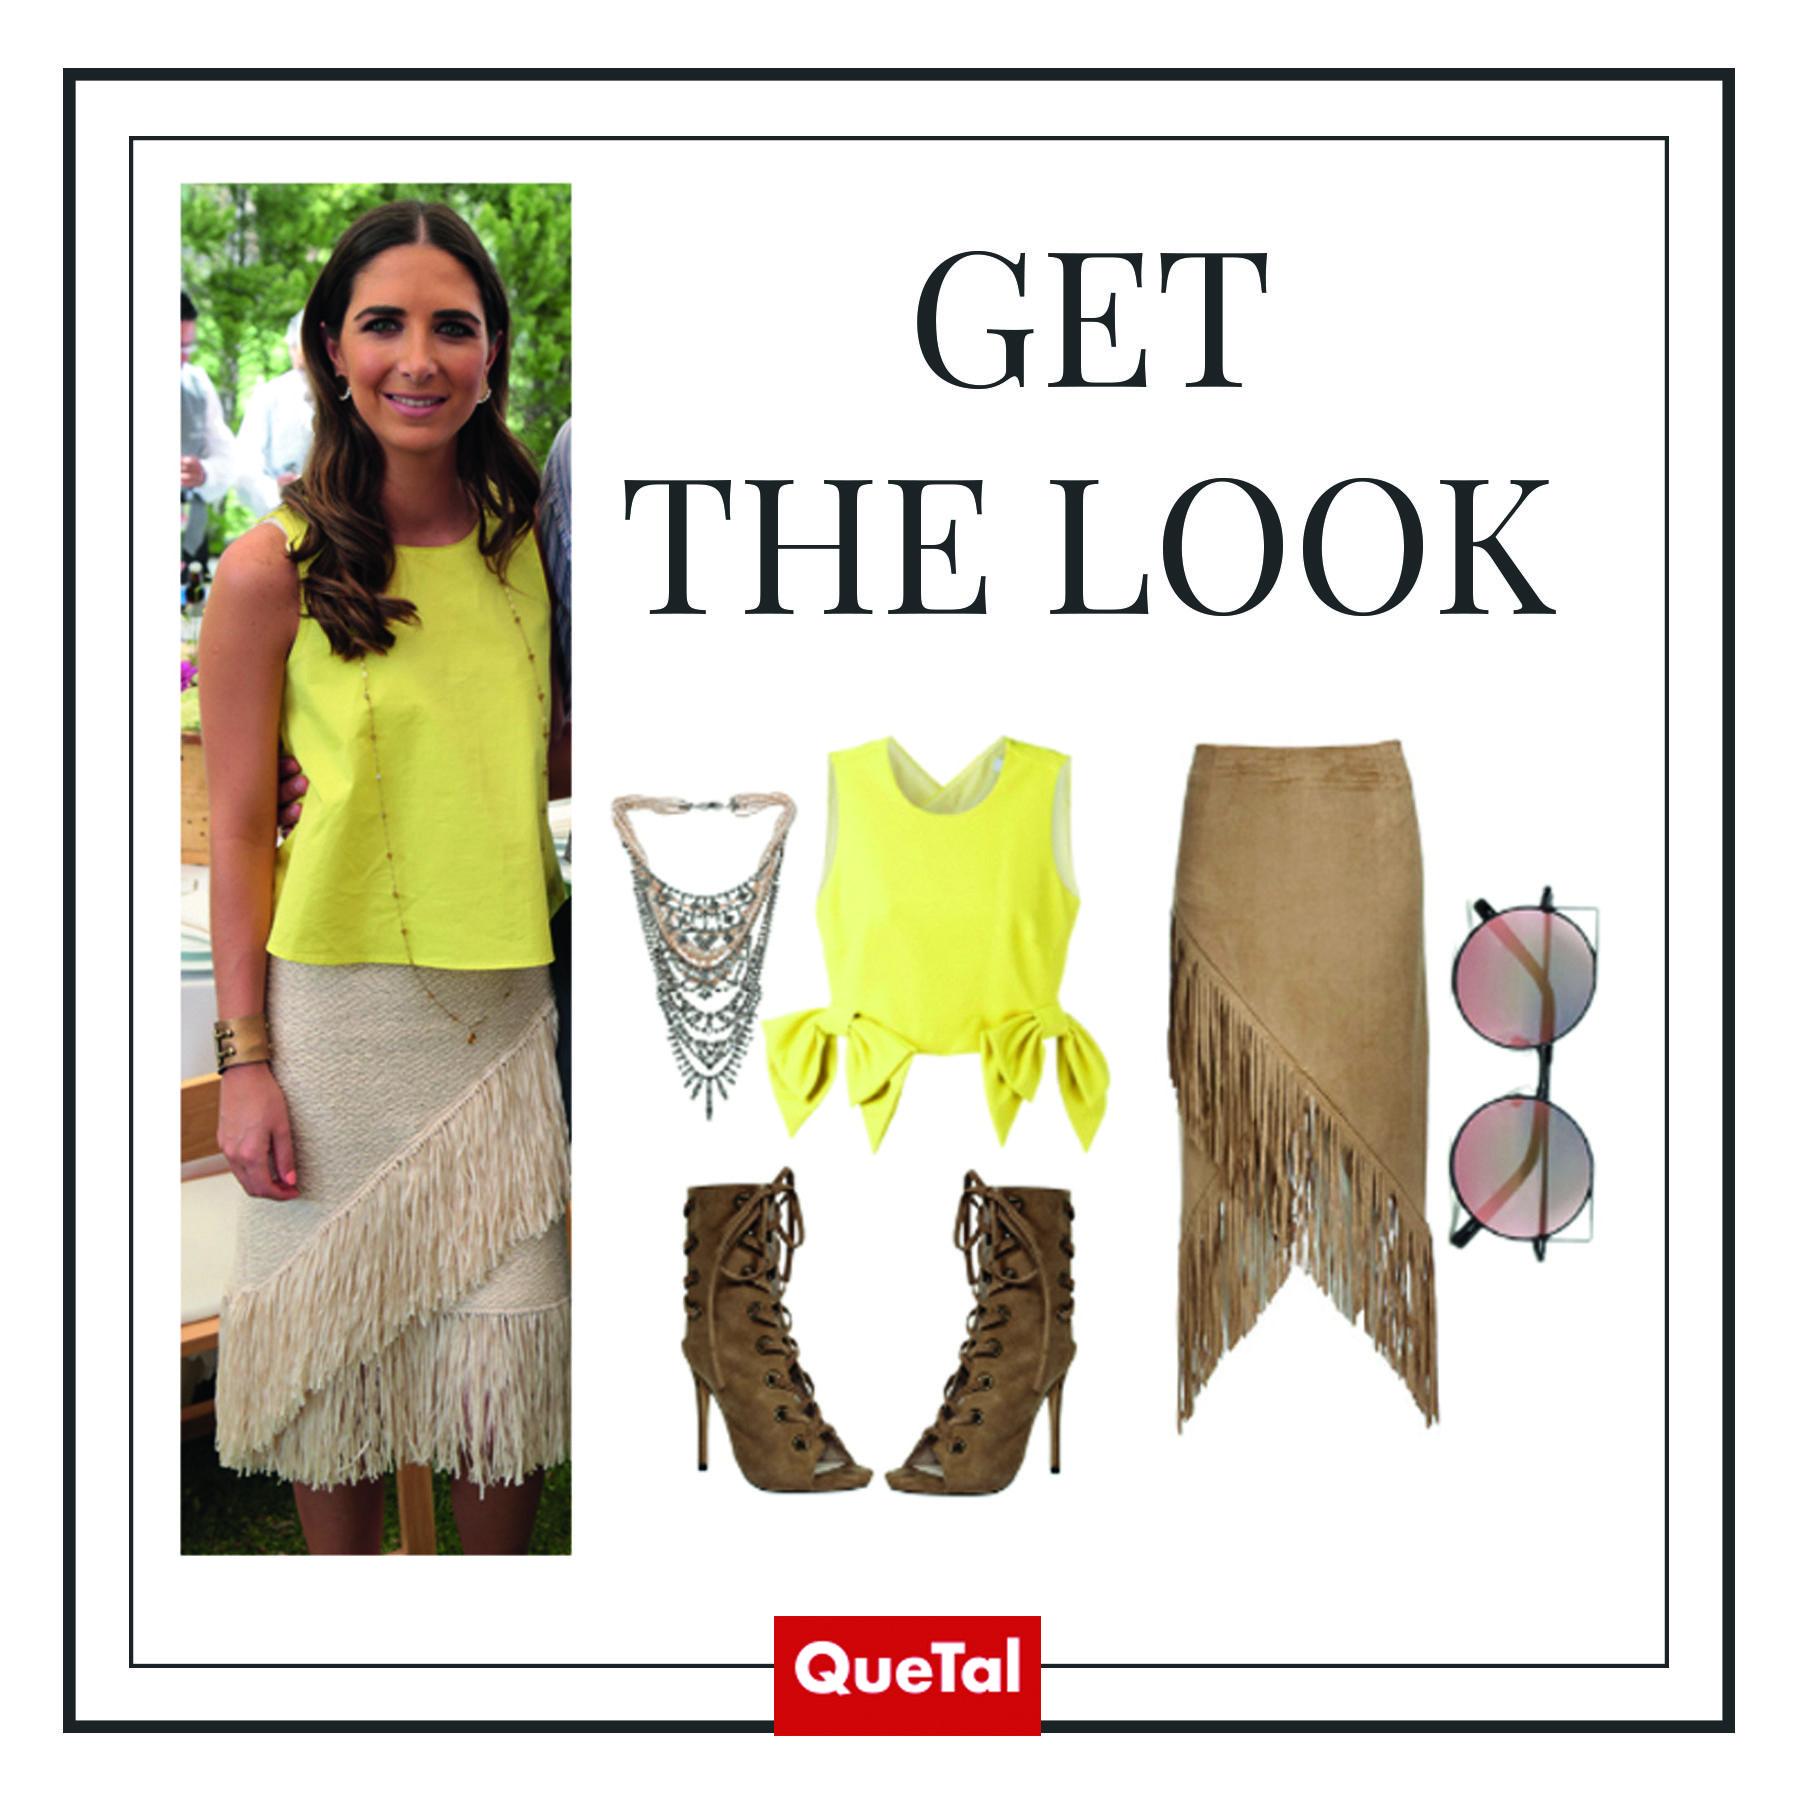 ¡Inspírate en el look Marina Jourdain para tu outfit del fin de semana! #GetTheLook #quetal #magazine #sociales #genteslp